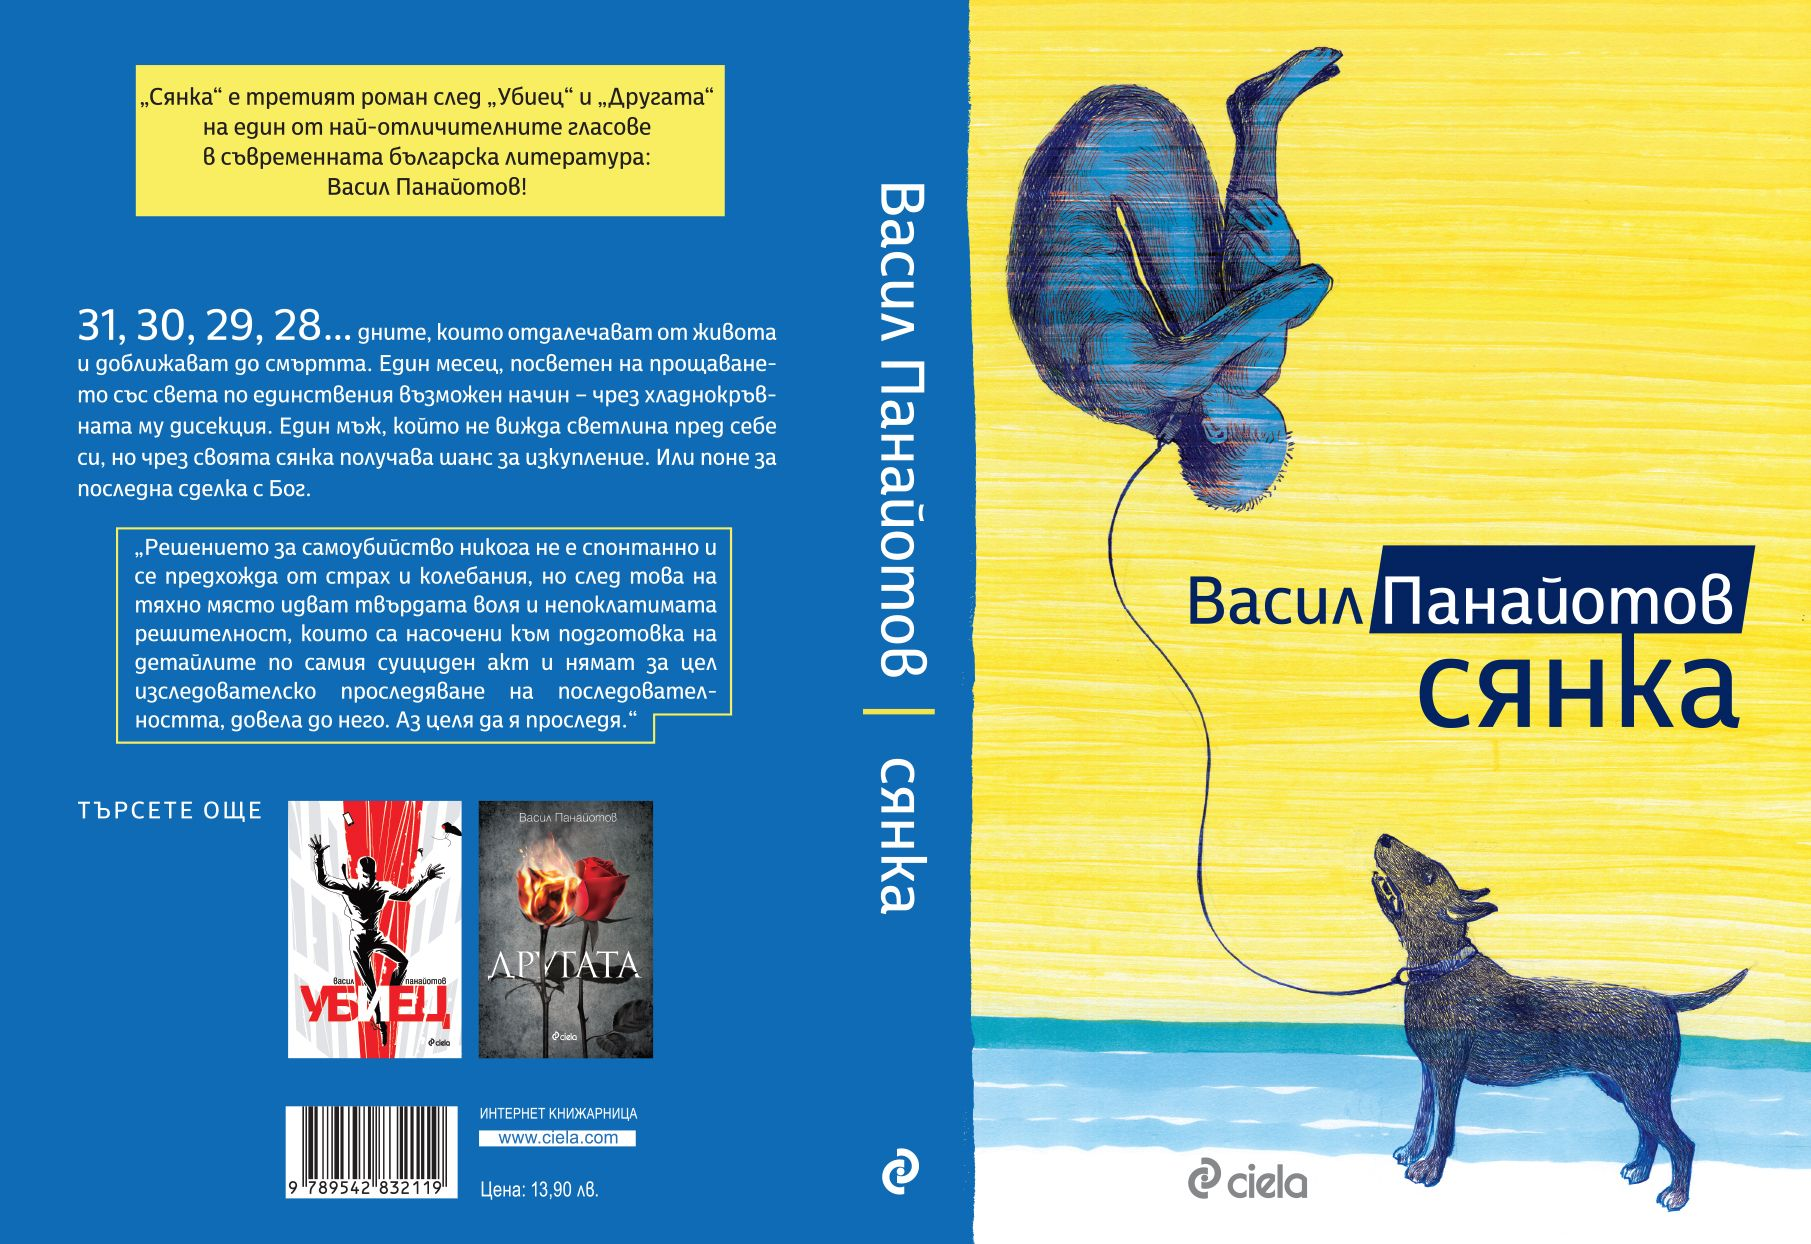 Сянка (Васил Панайотов) - 2